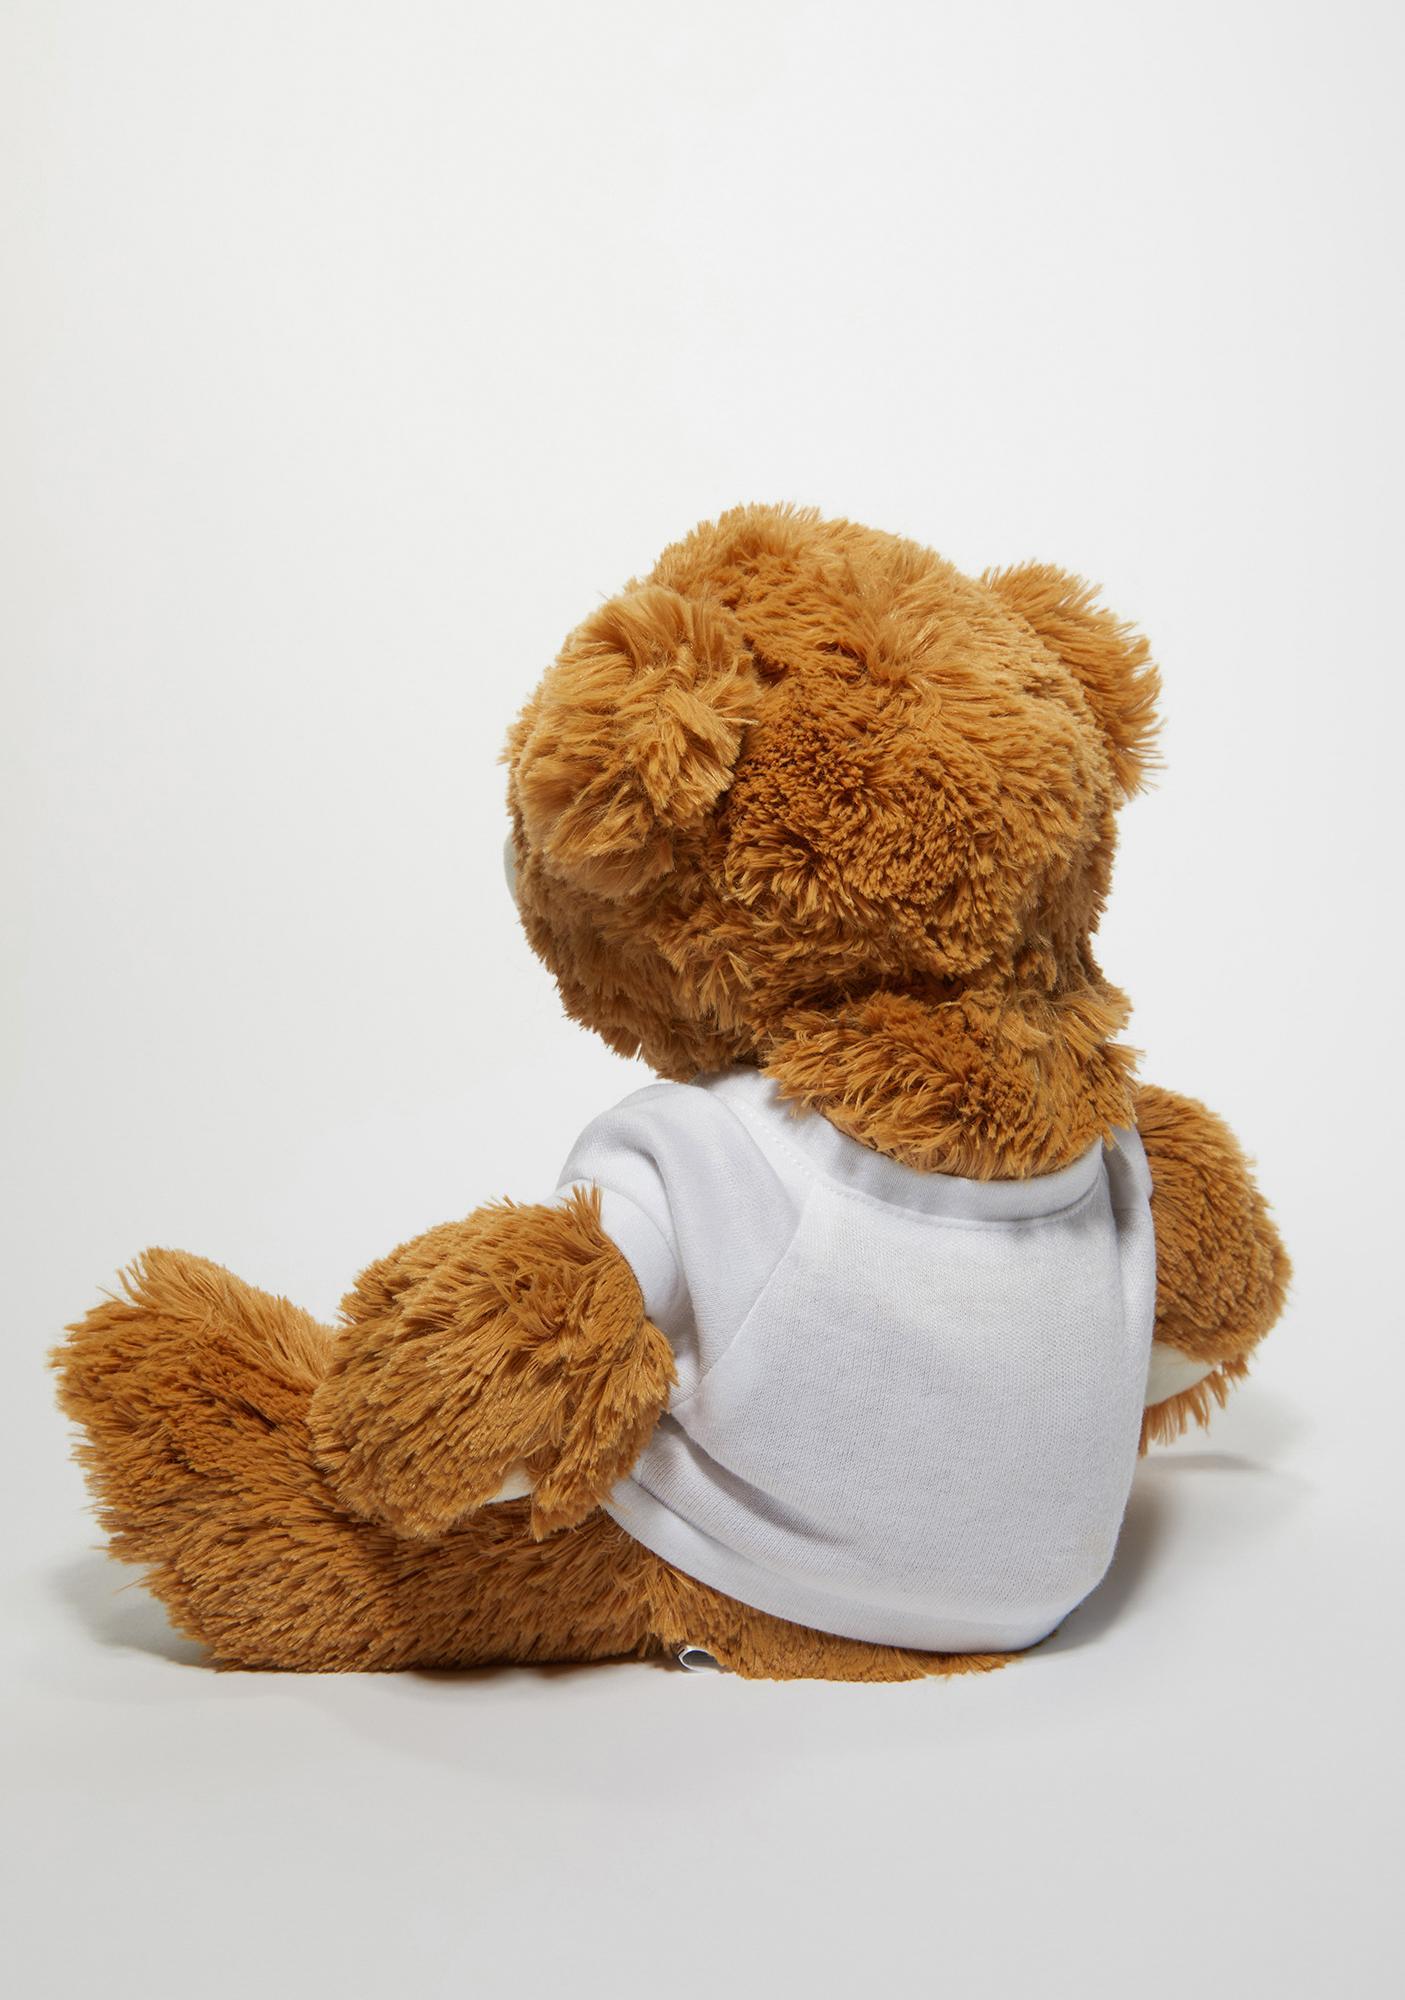 Femfetti Miss You Everyday Stuffed Teddy Bear